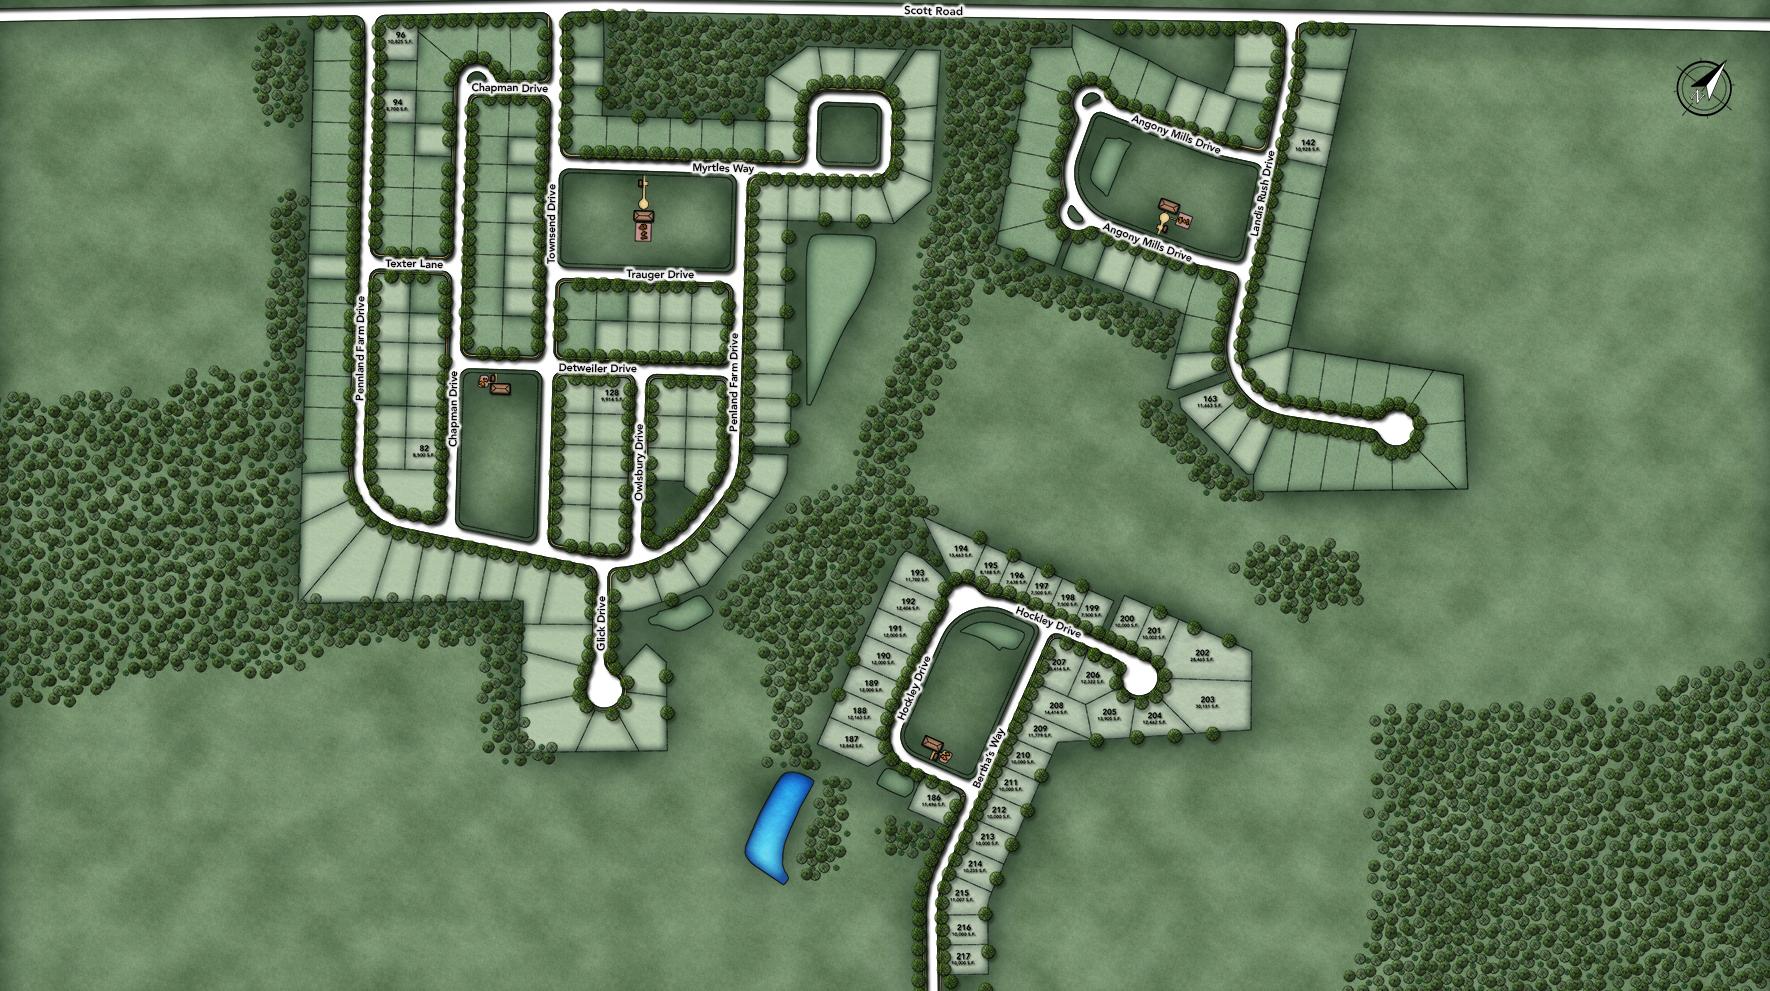 Penn Land Farm Site Plan I